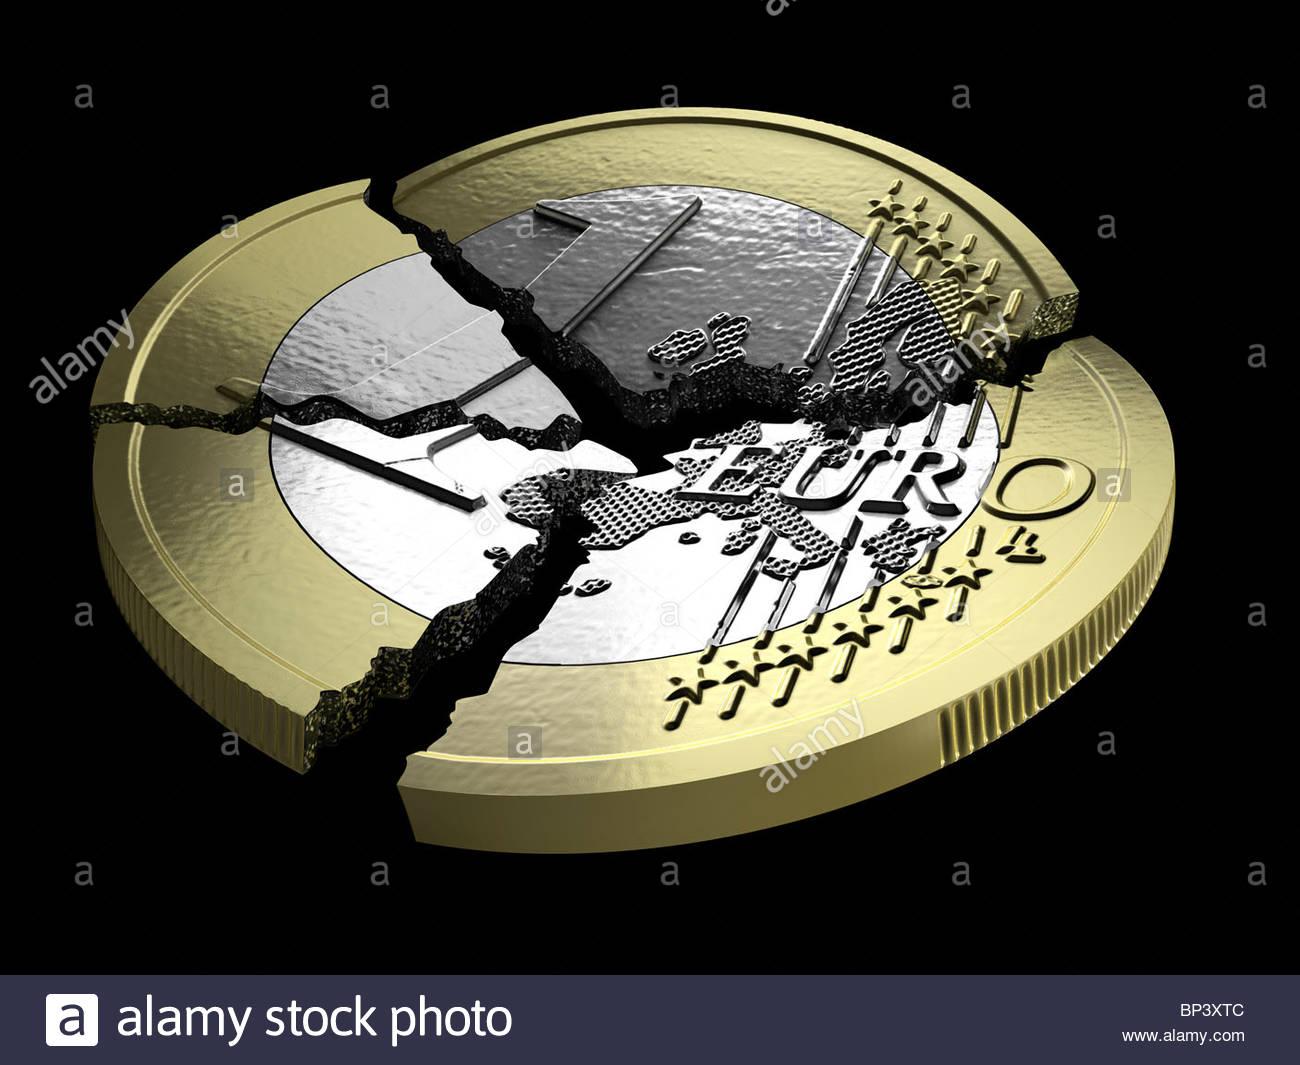 Una moneta euro suddivisi in più pezzi Immagini Stock